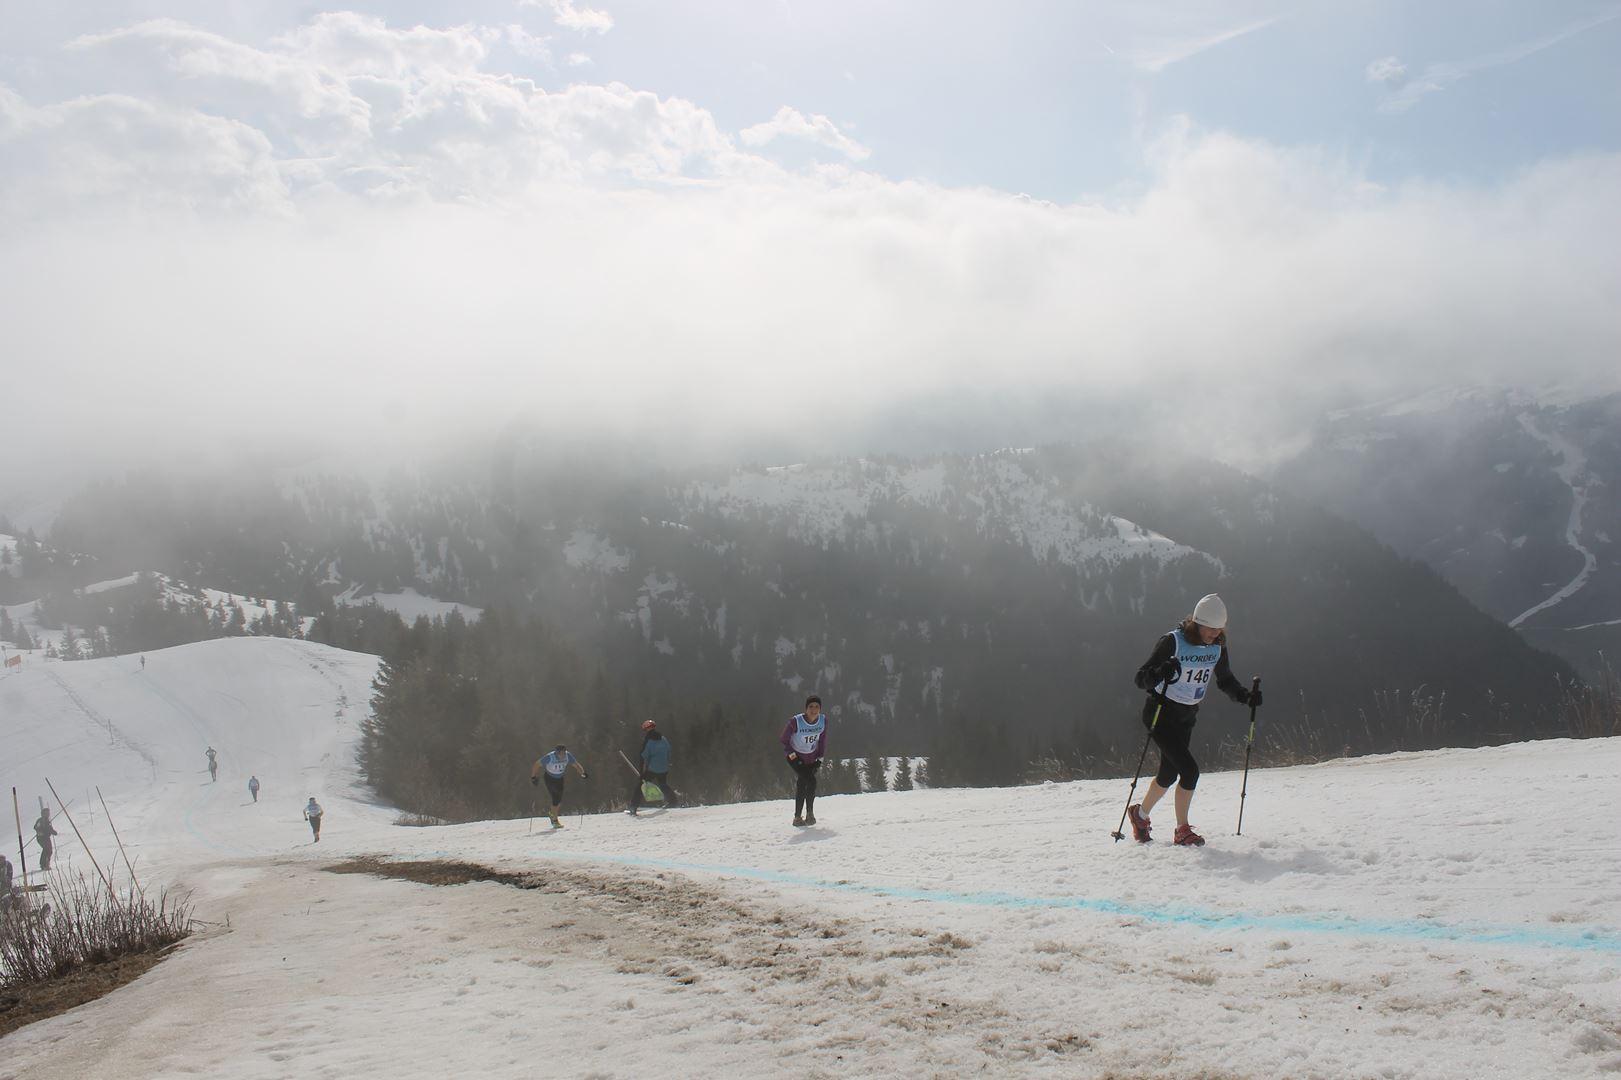 percée du soleil au sommet - RESULTATS ET REPORTAGE SUR LA 8EME EDITION DE l'ARAVIS SNOW TRAIL  (LA GIETTAZ 73)